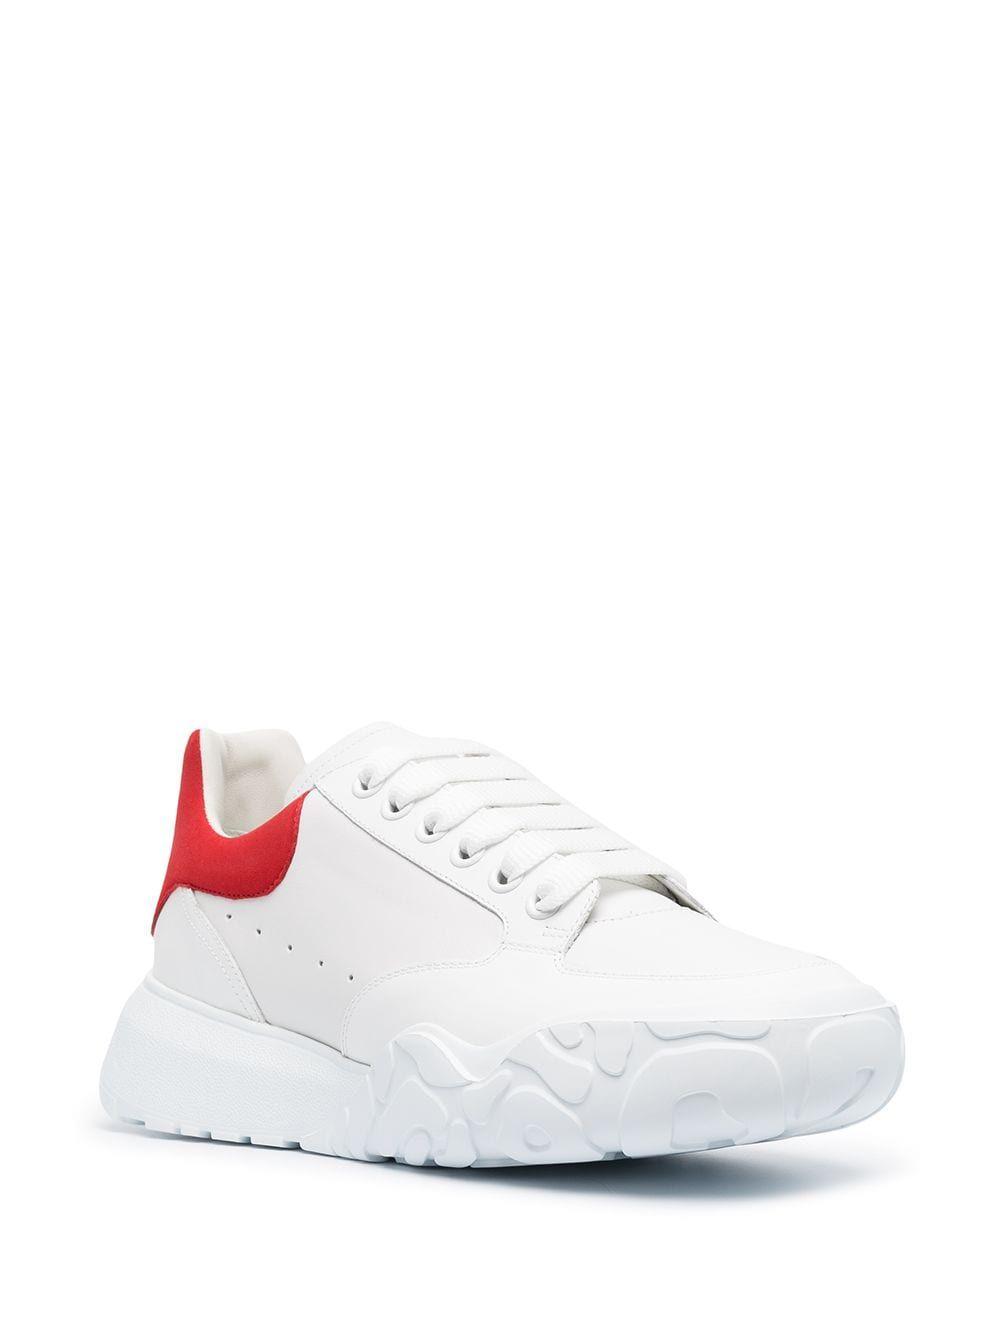 ALEXANDER MCQUEEN Sneakers ALEXANDER MCQUEEN MEN'S WHITE LEATHER SNEAKERS